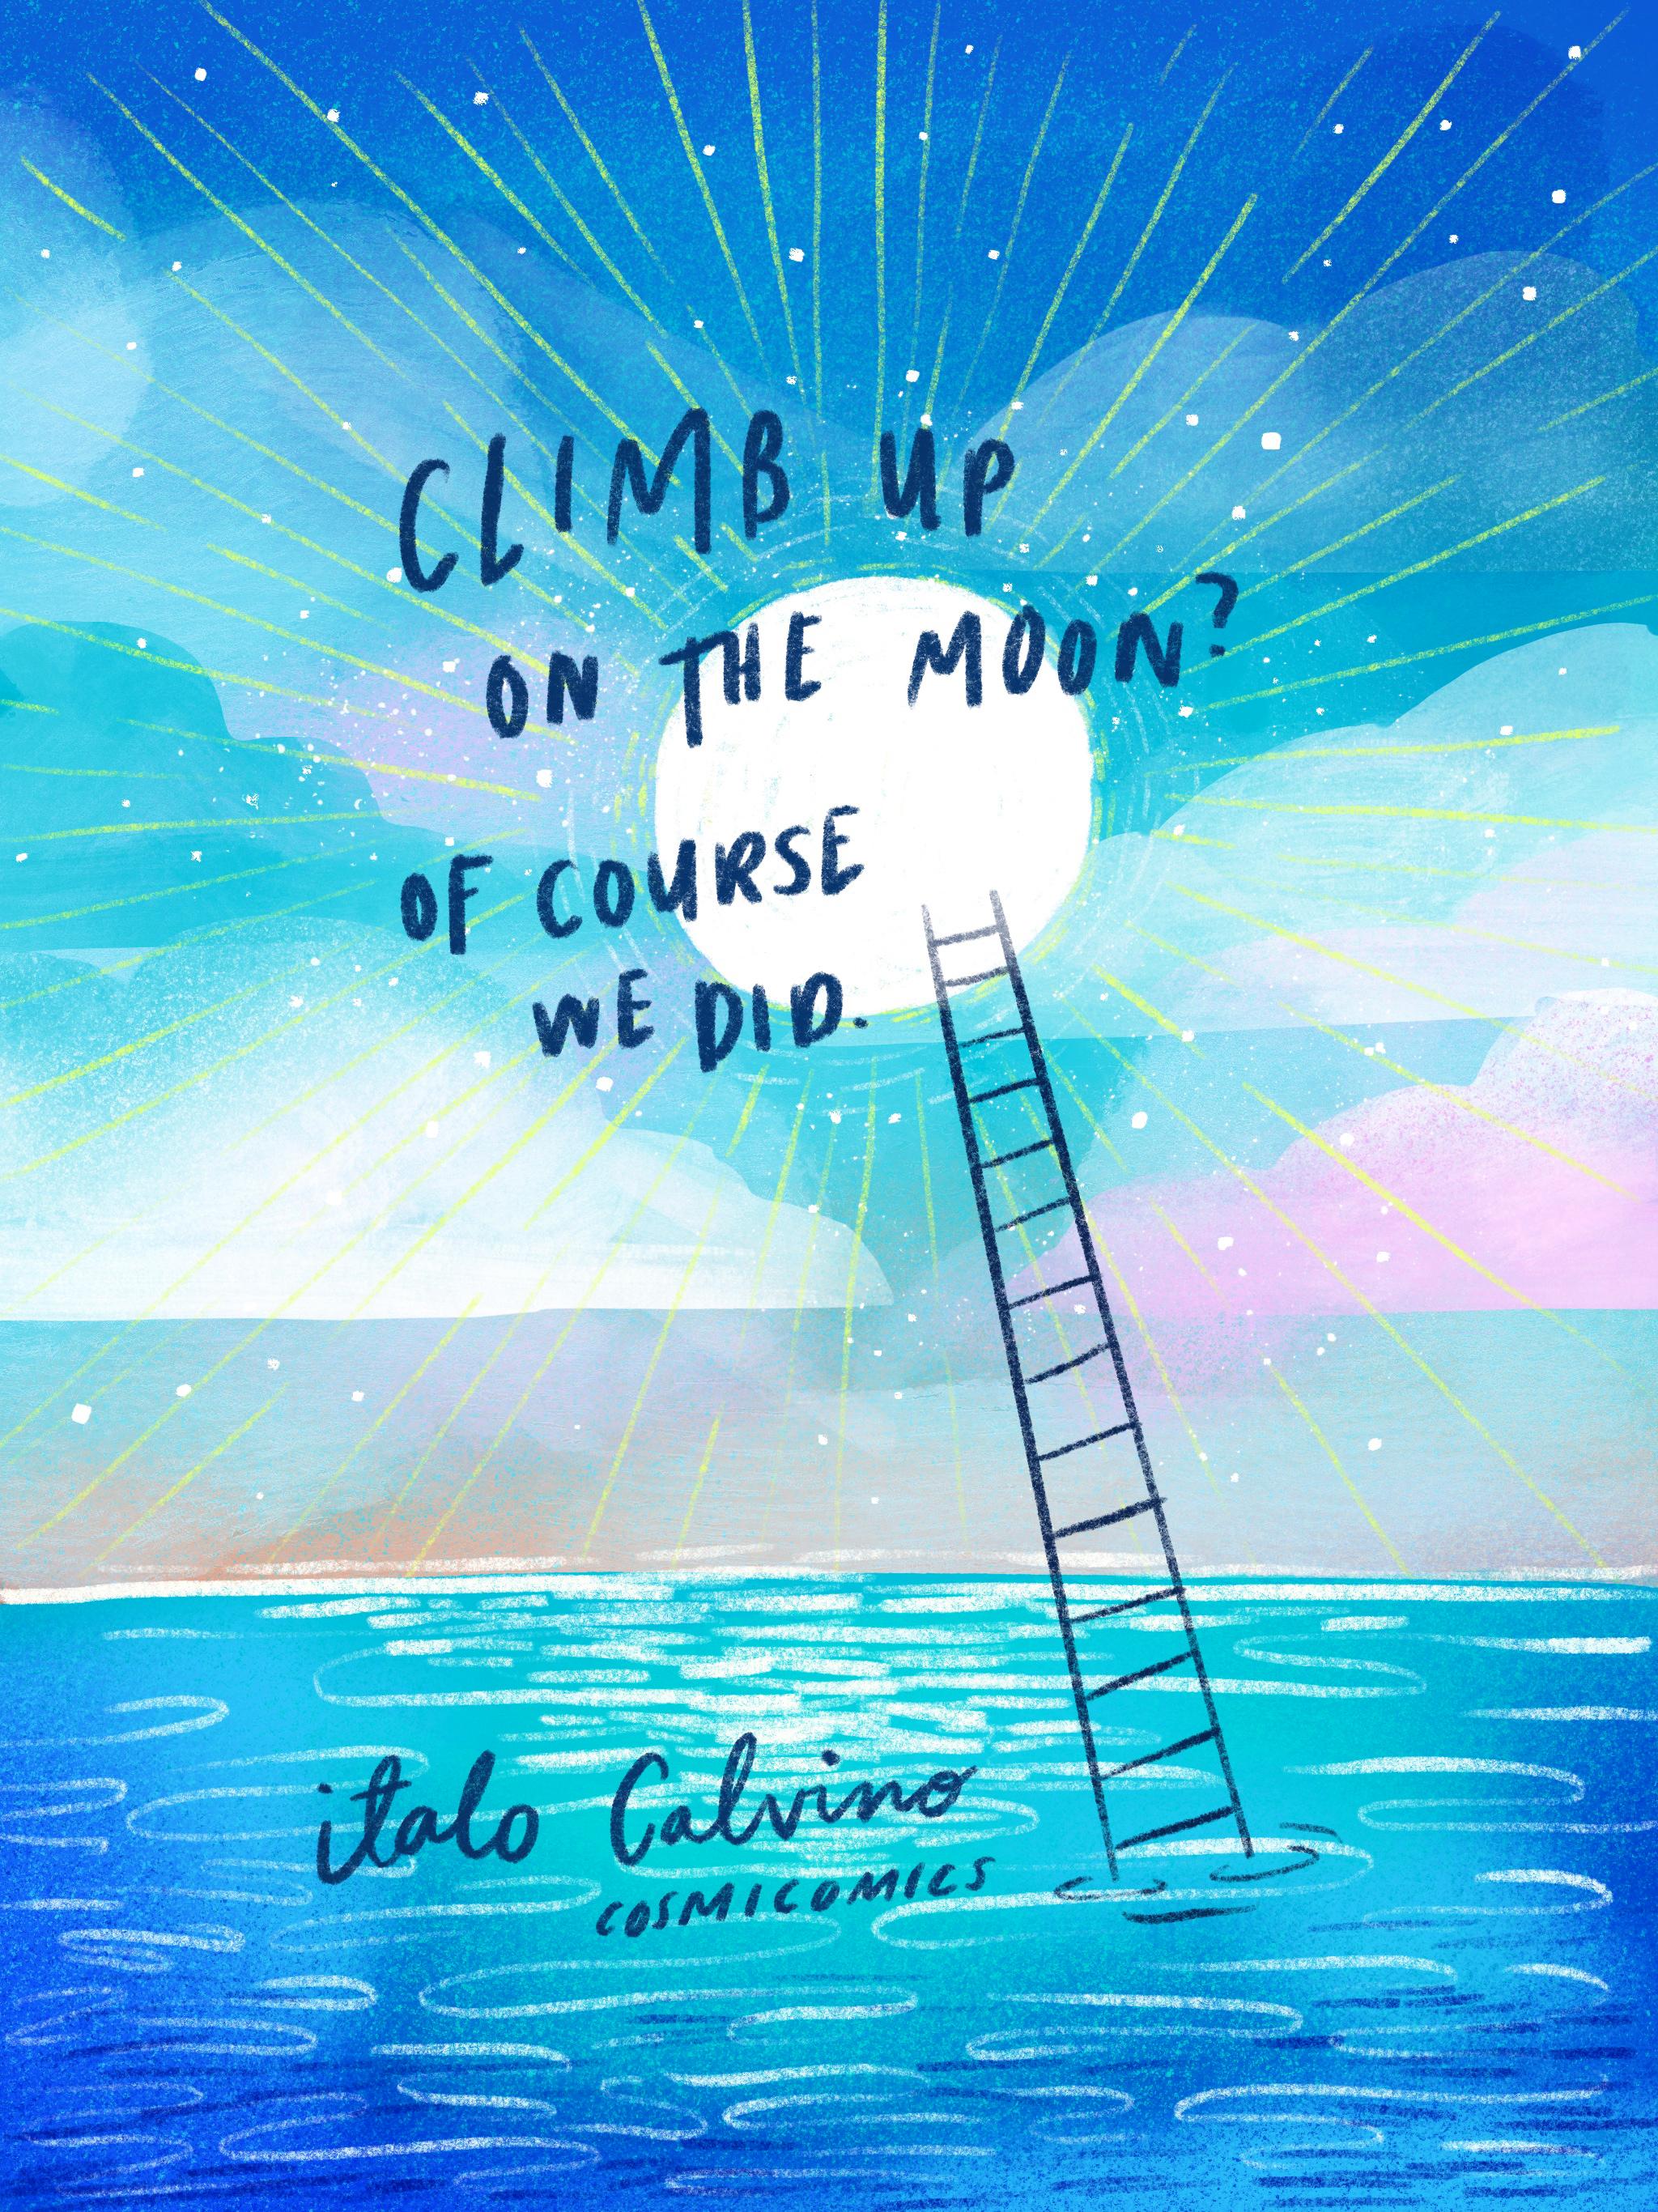 climbuponthemoon.jpg